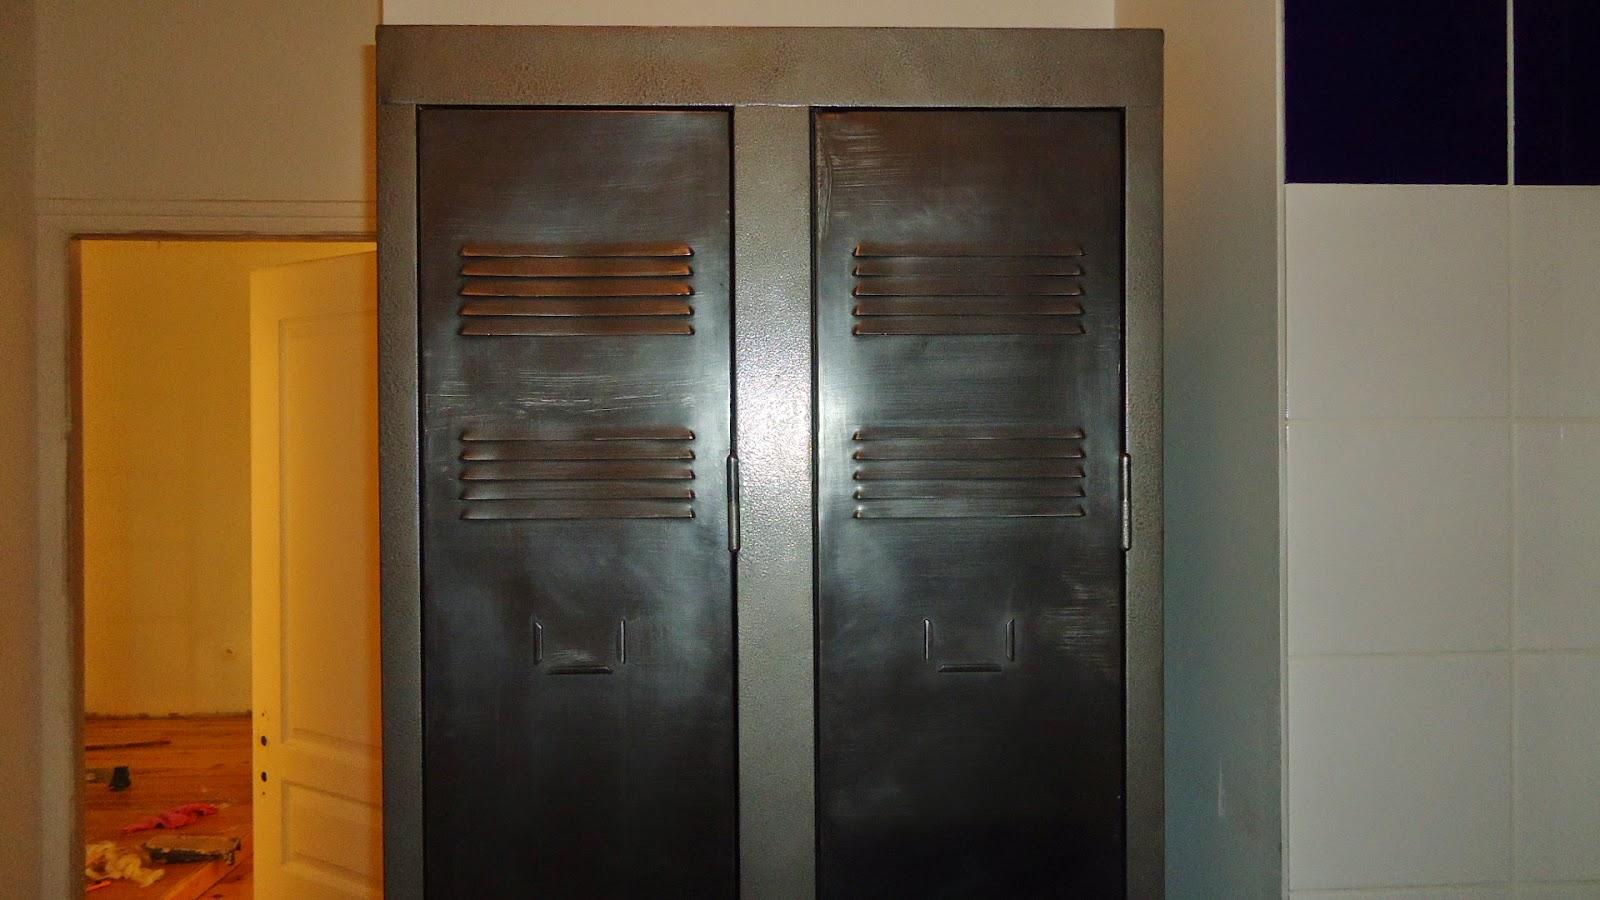 travaux de r novation de notre appartement glyc ro couleur sur les portes et montures. Black Bedroom Furniture Sets. Home Design Ideas